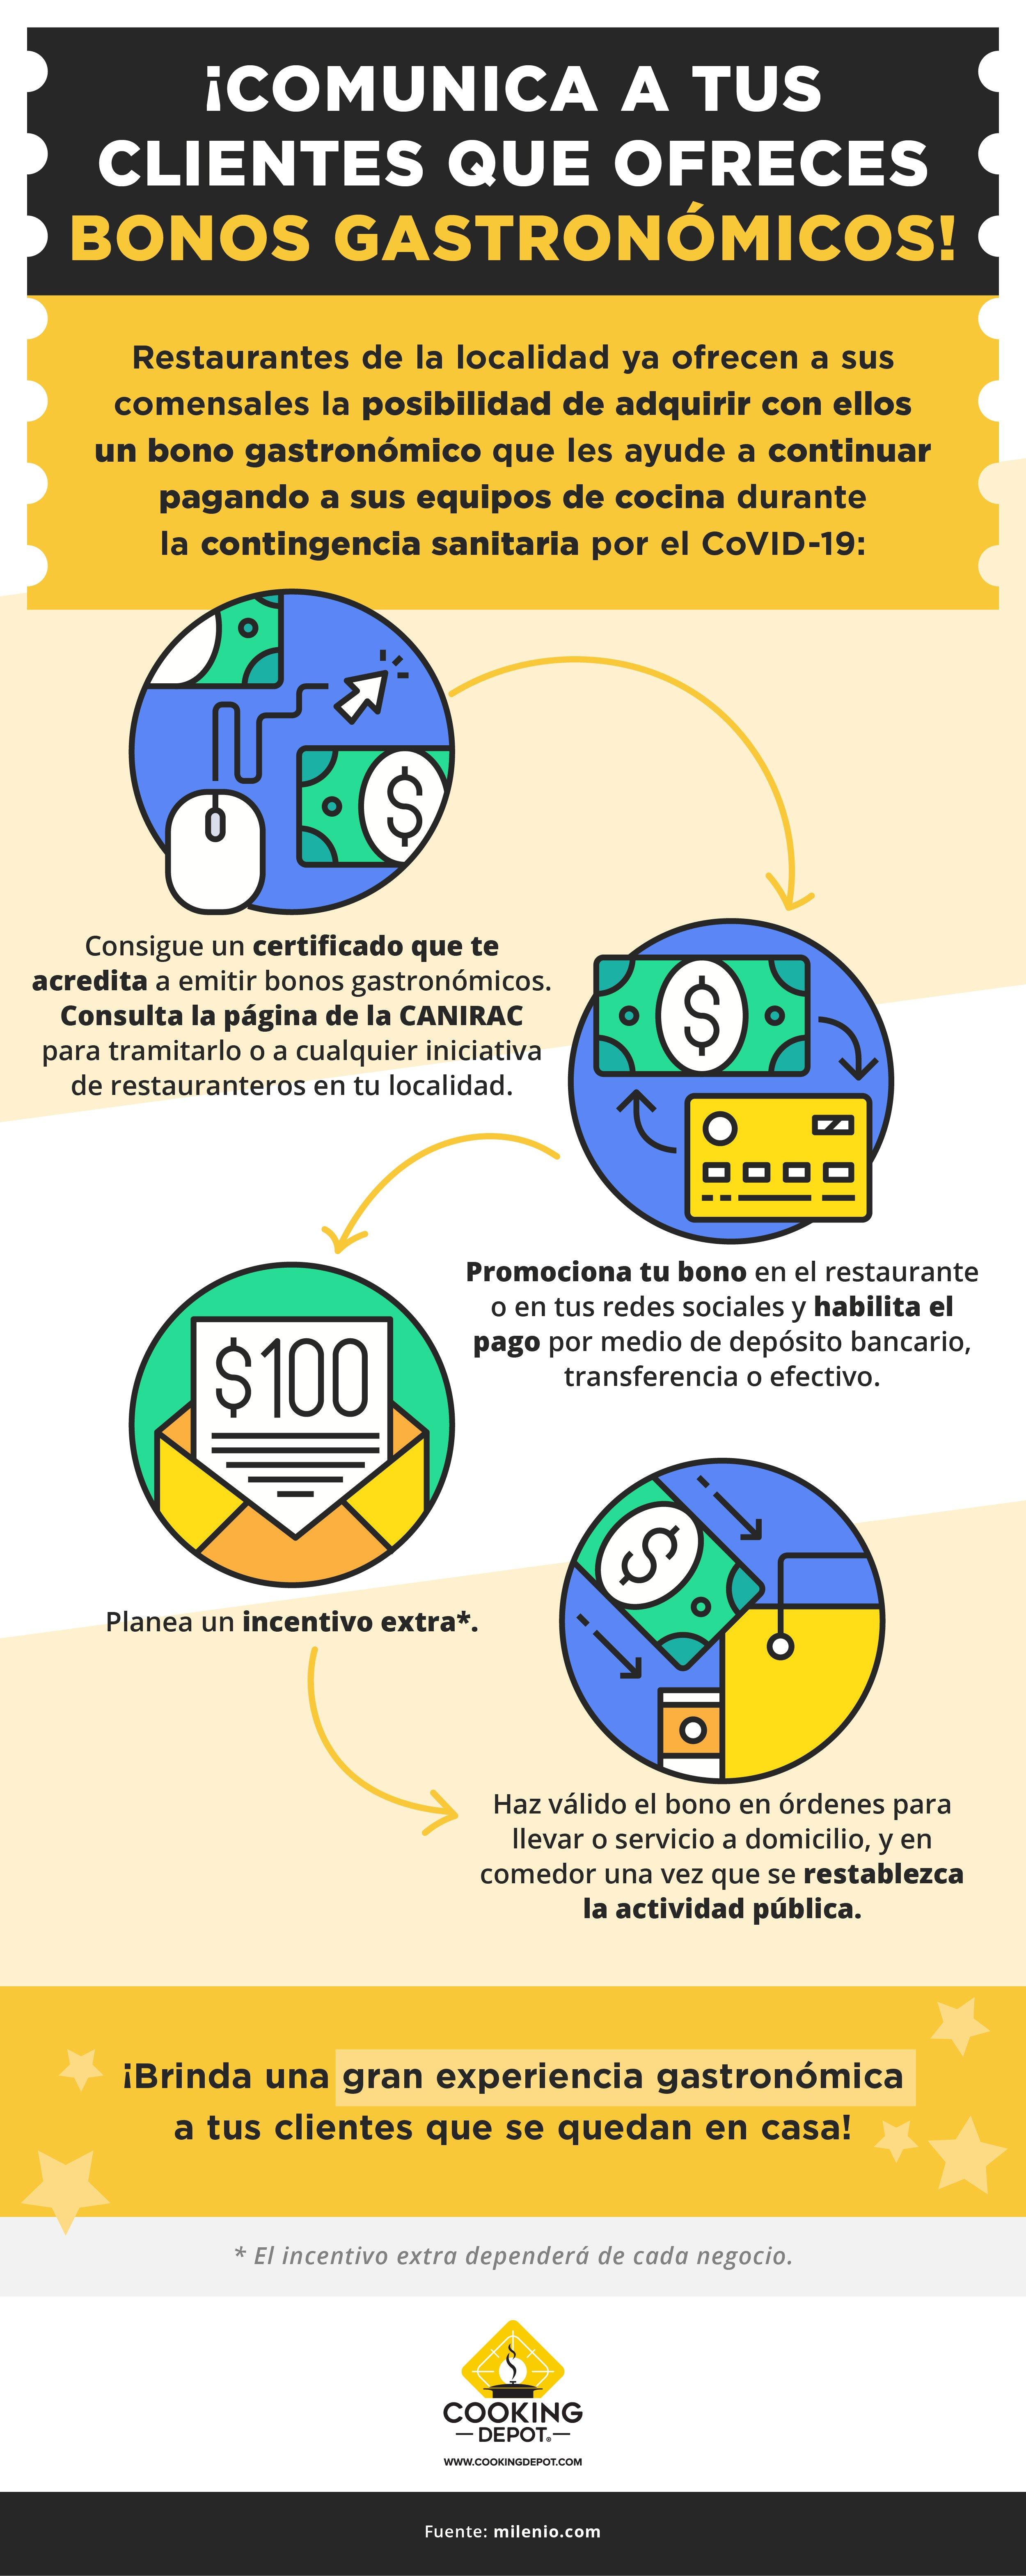 CD-Sprint 11 Blog no. 5  Bonos gastronómicos_ una alianza entre tus clientes y tu restaurante_Infografía_revCCH